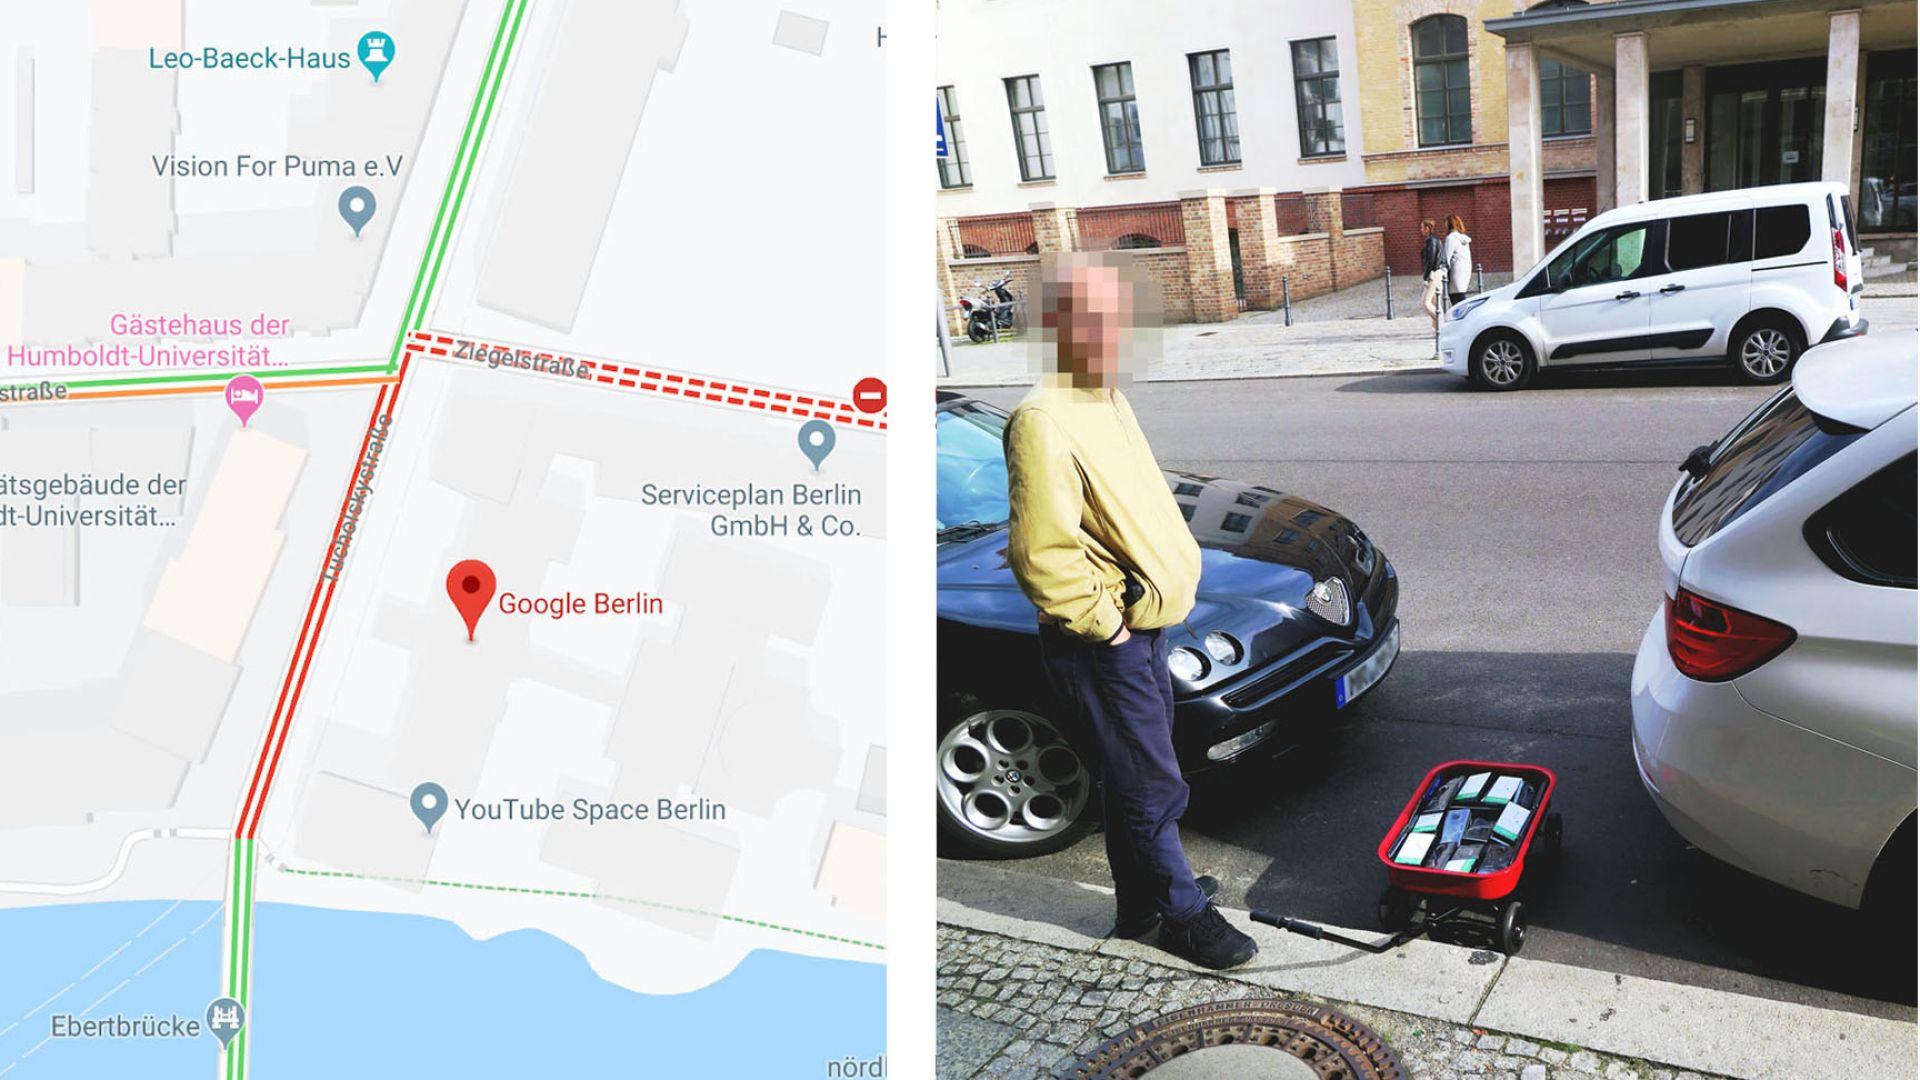 Експеримент разкрива как може да се направи изкуствено задръстване в Google Maps